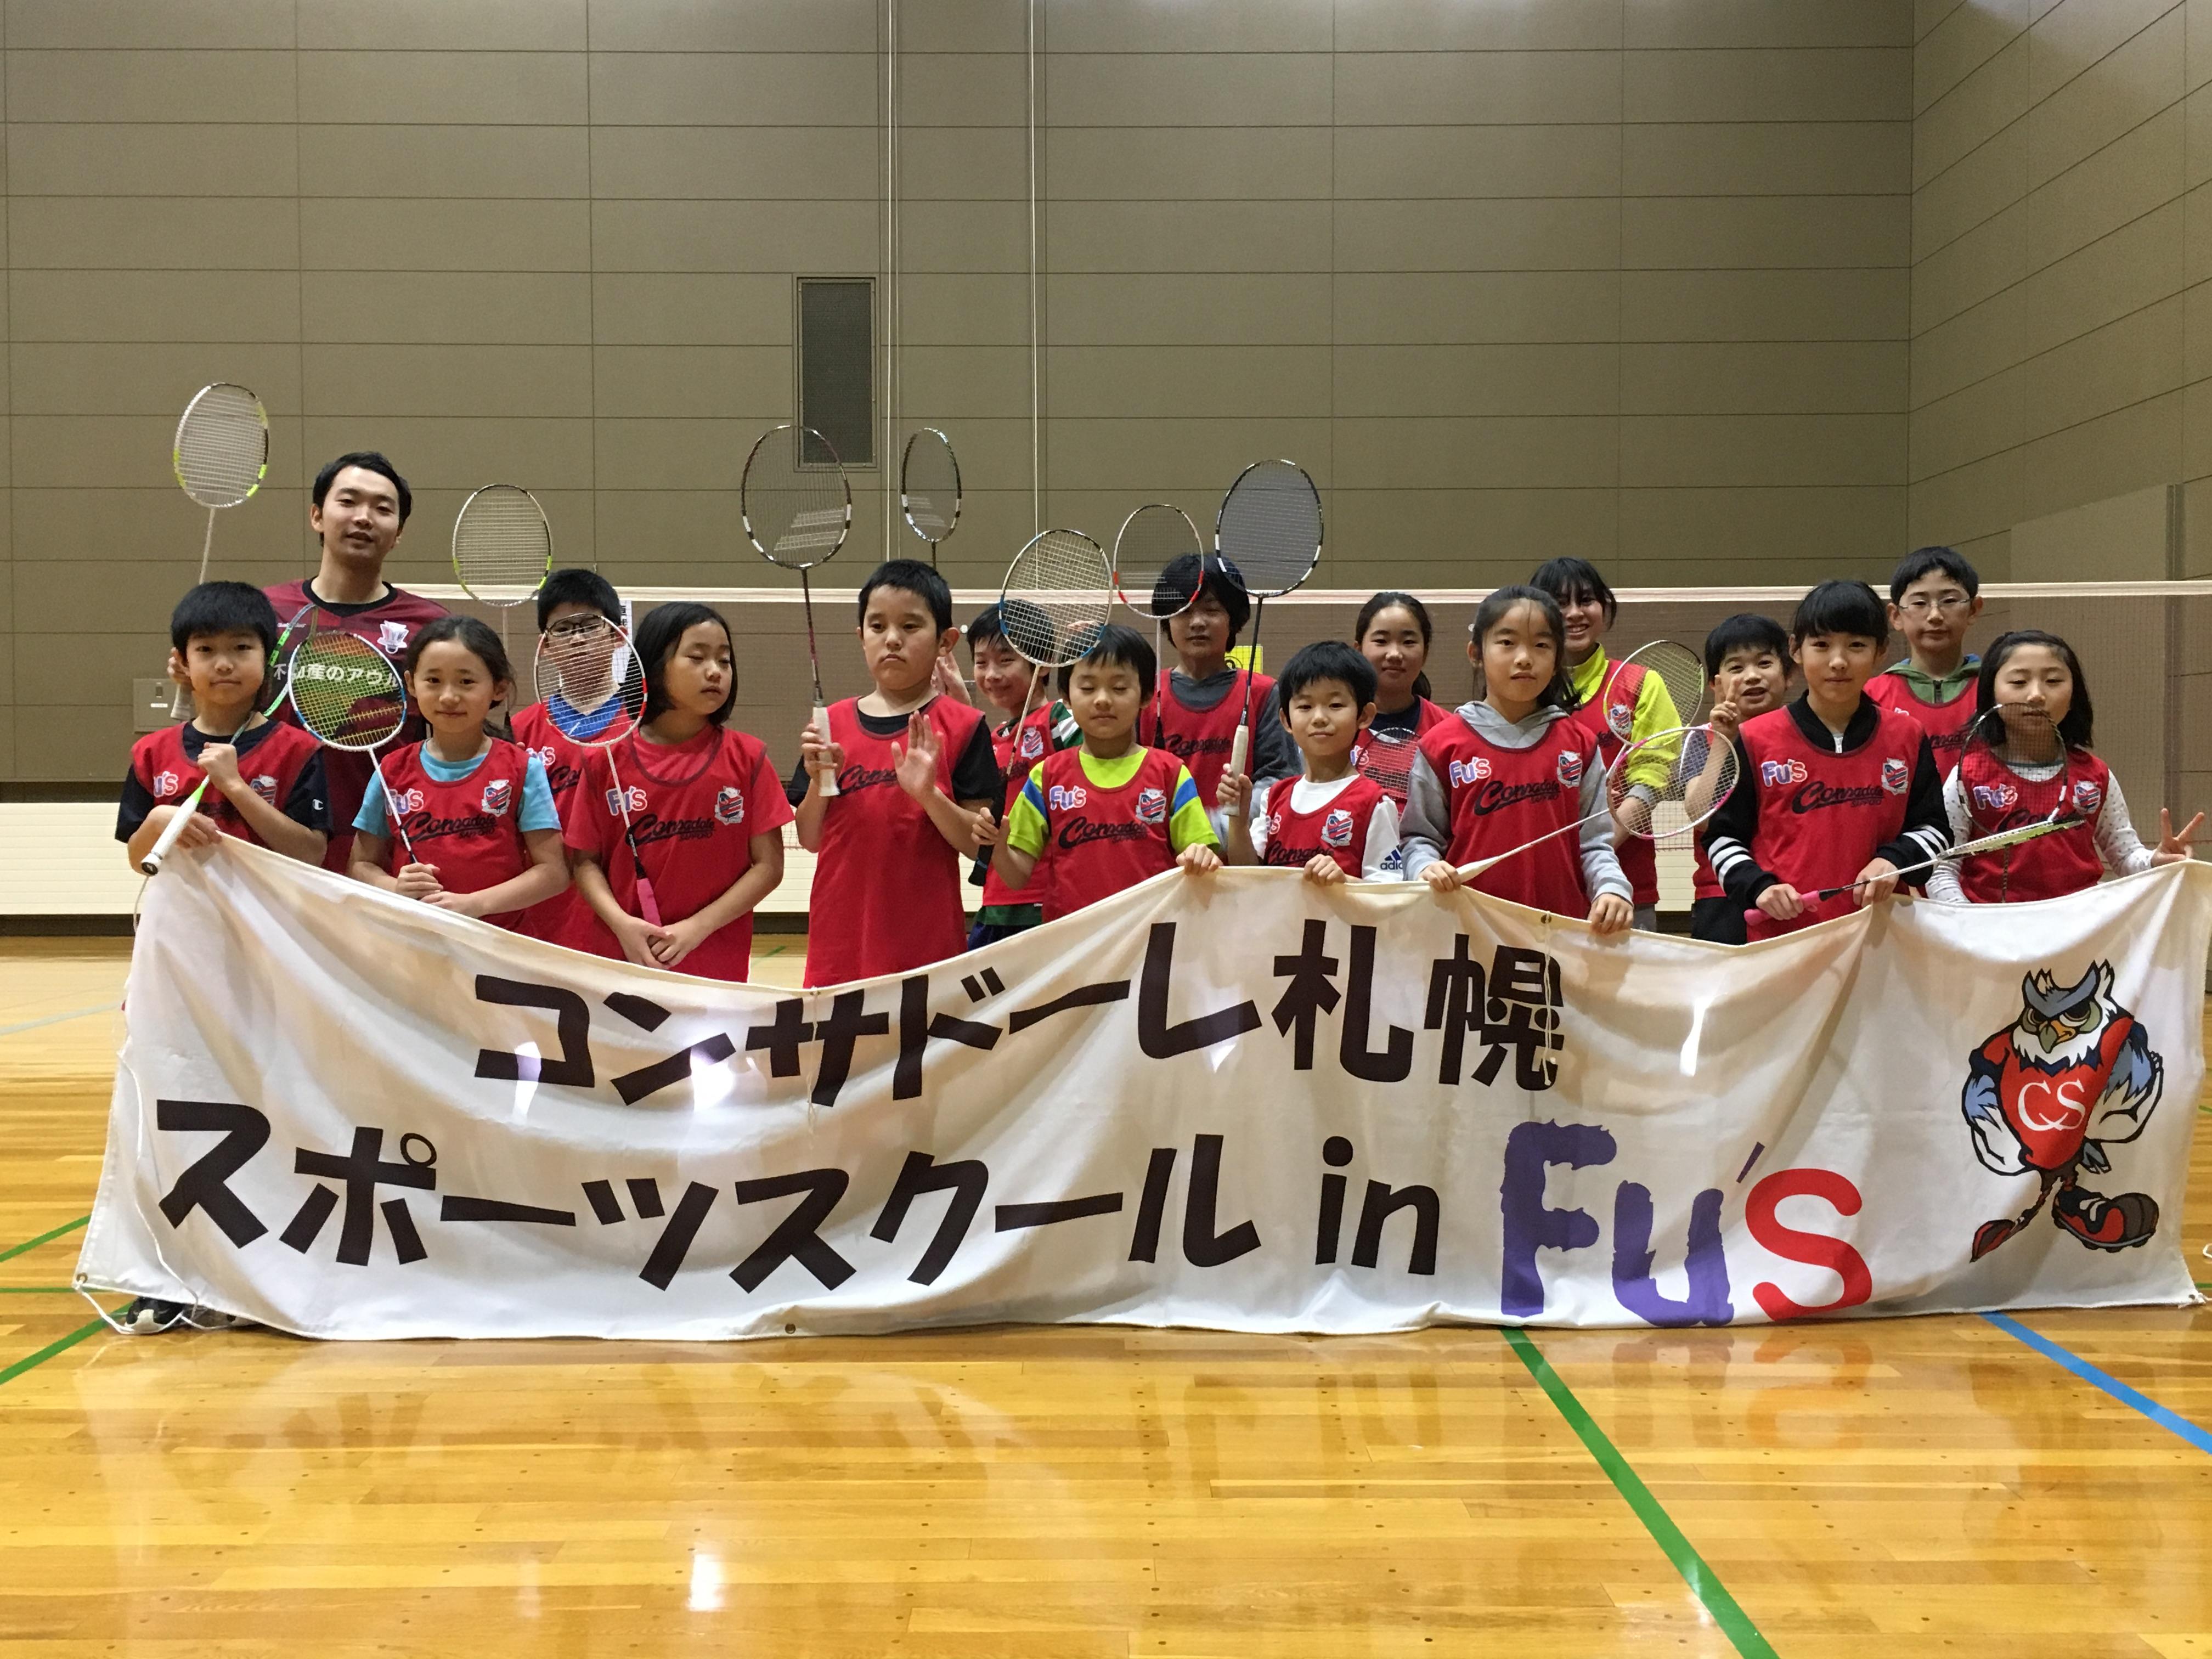 http://chsc.jp/news/up_images/IMG_0253.JPG